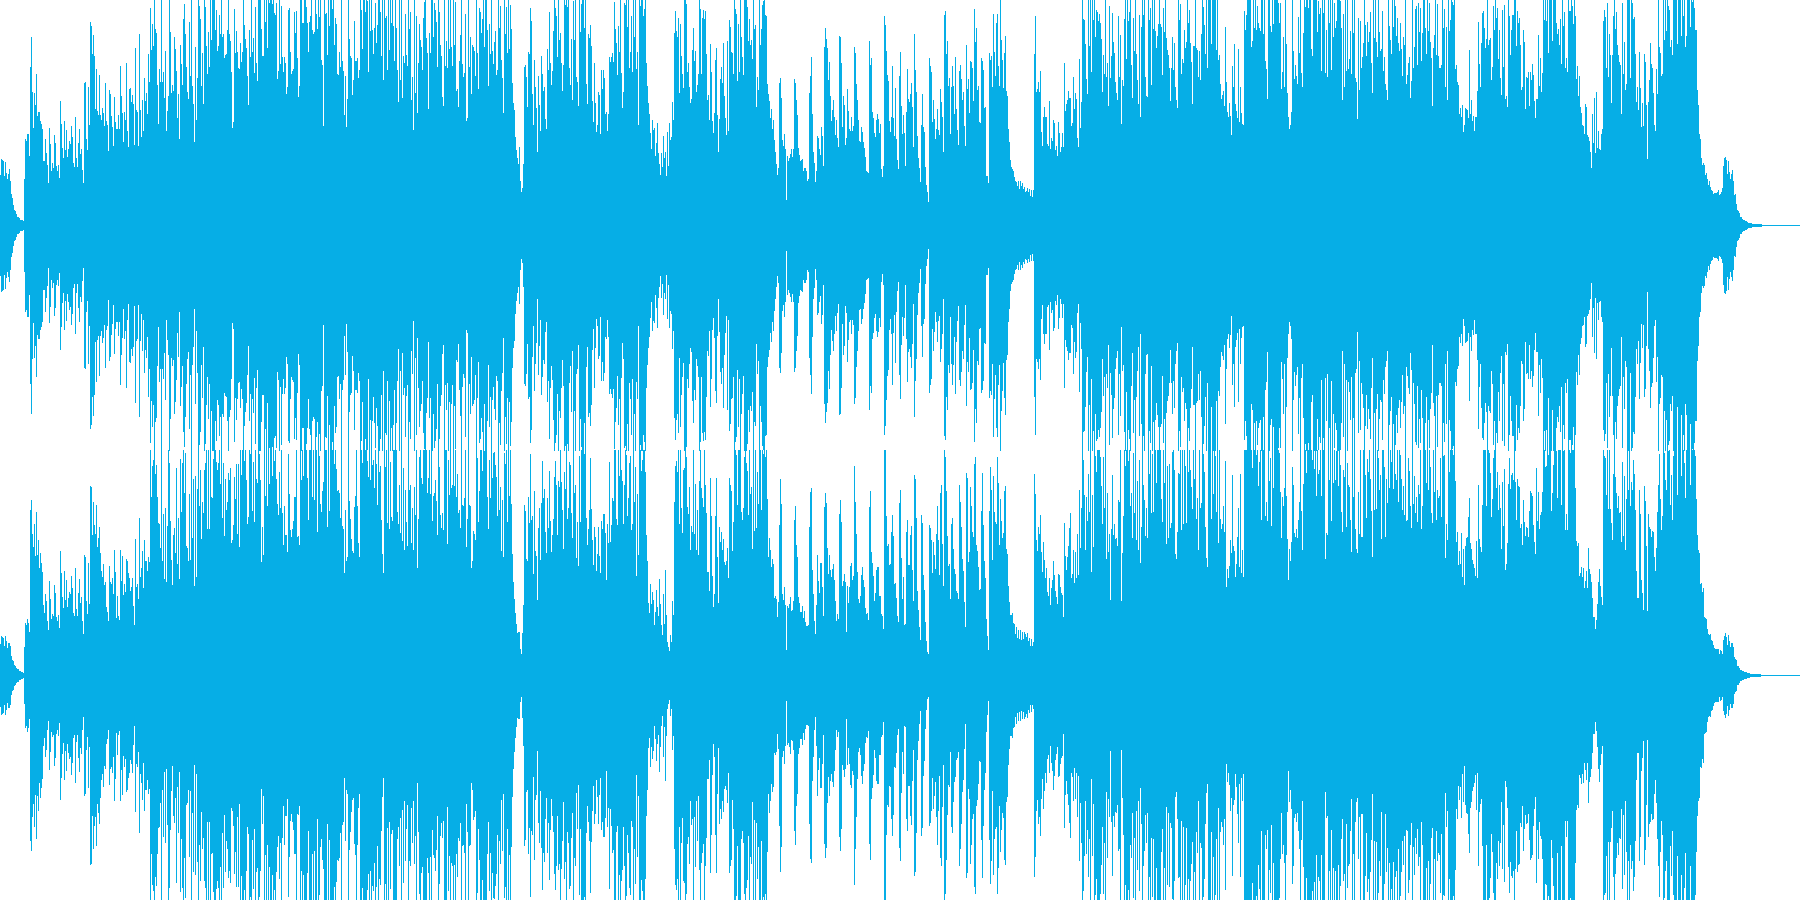 不可思議と螺旋渦巻くイメージの再生済みの波形